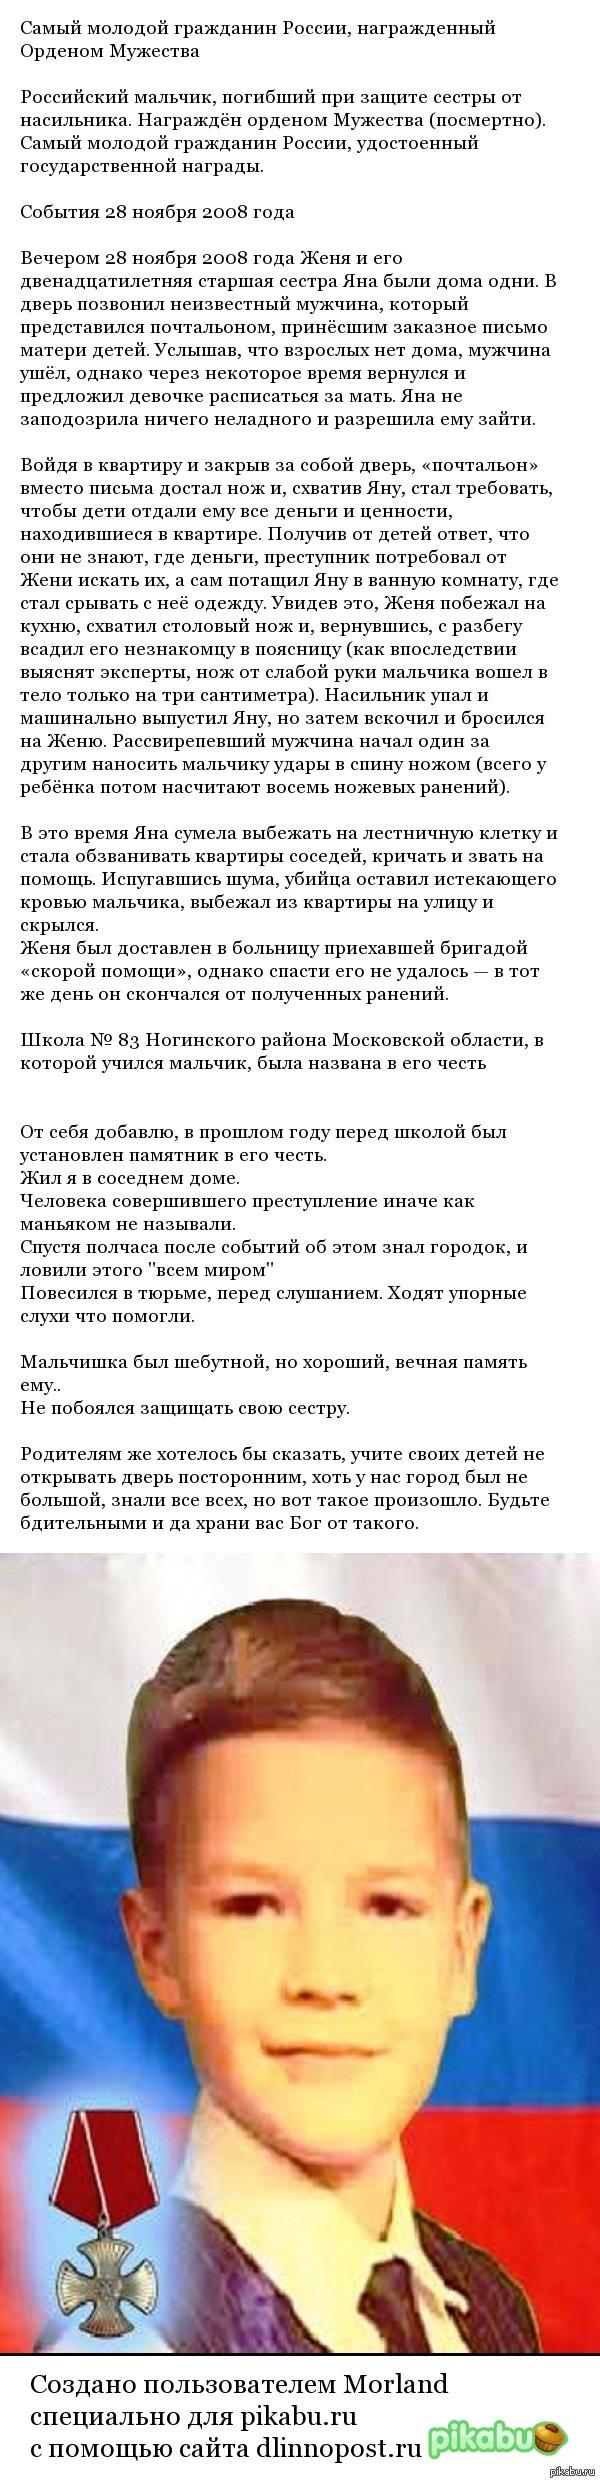 Евгений Табаков